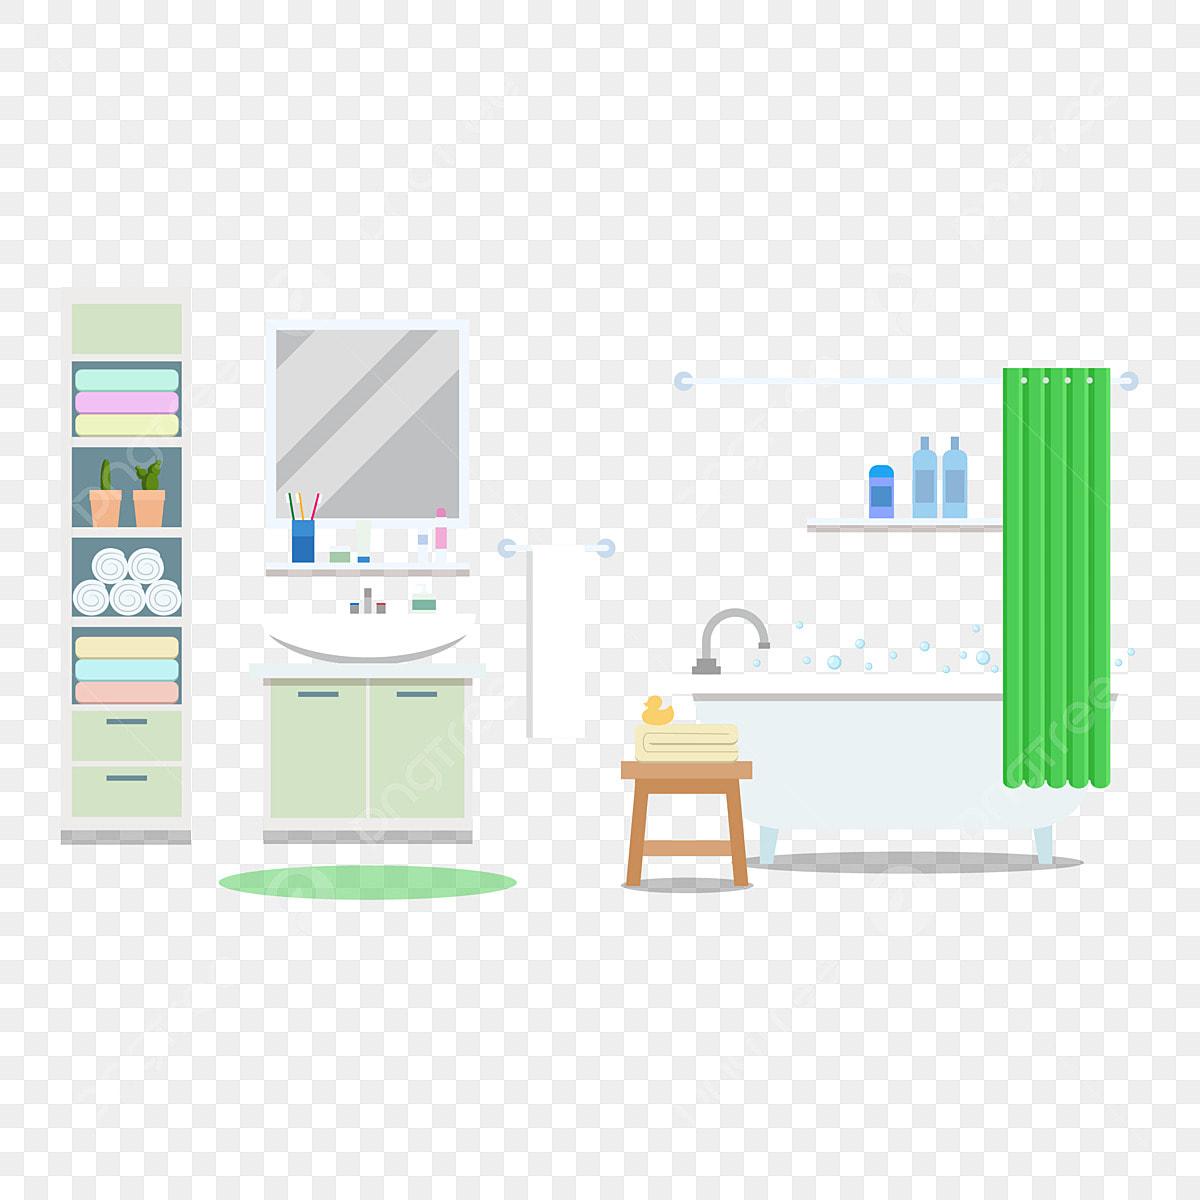 Dessin Salle De Bain salle de bain toilette de dessin animé salle de bain simple